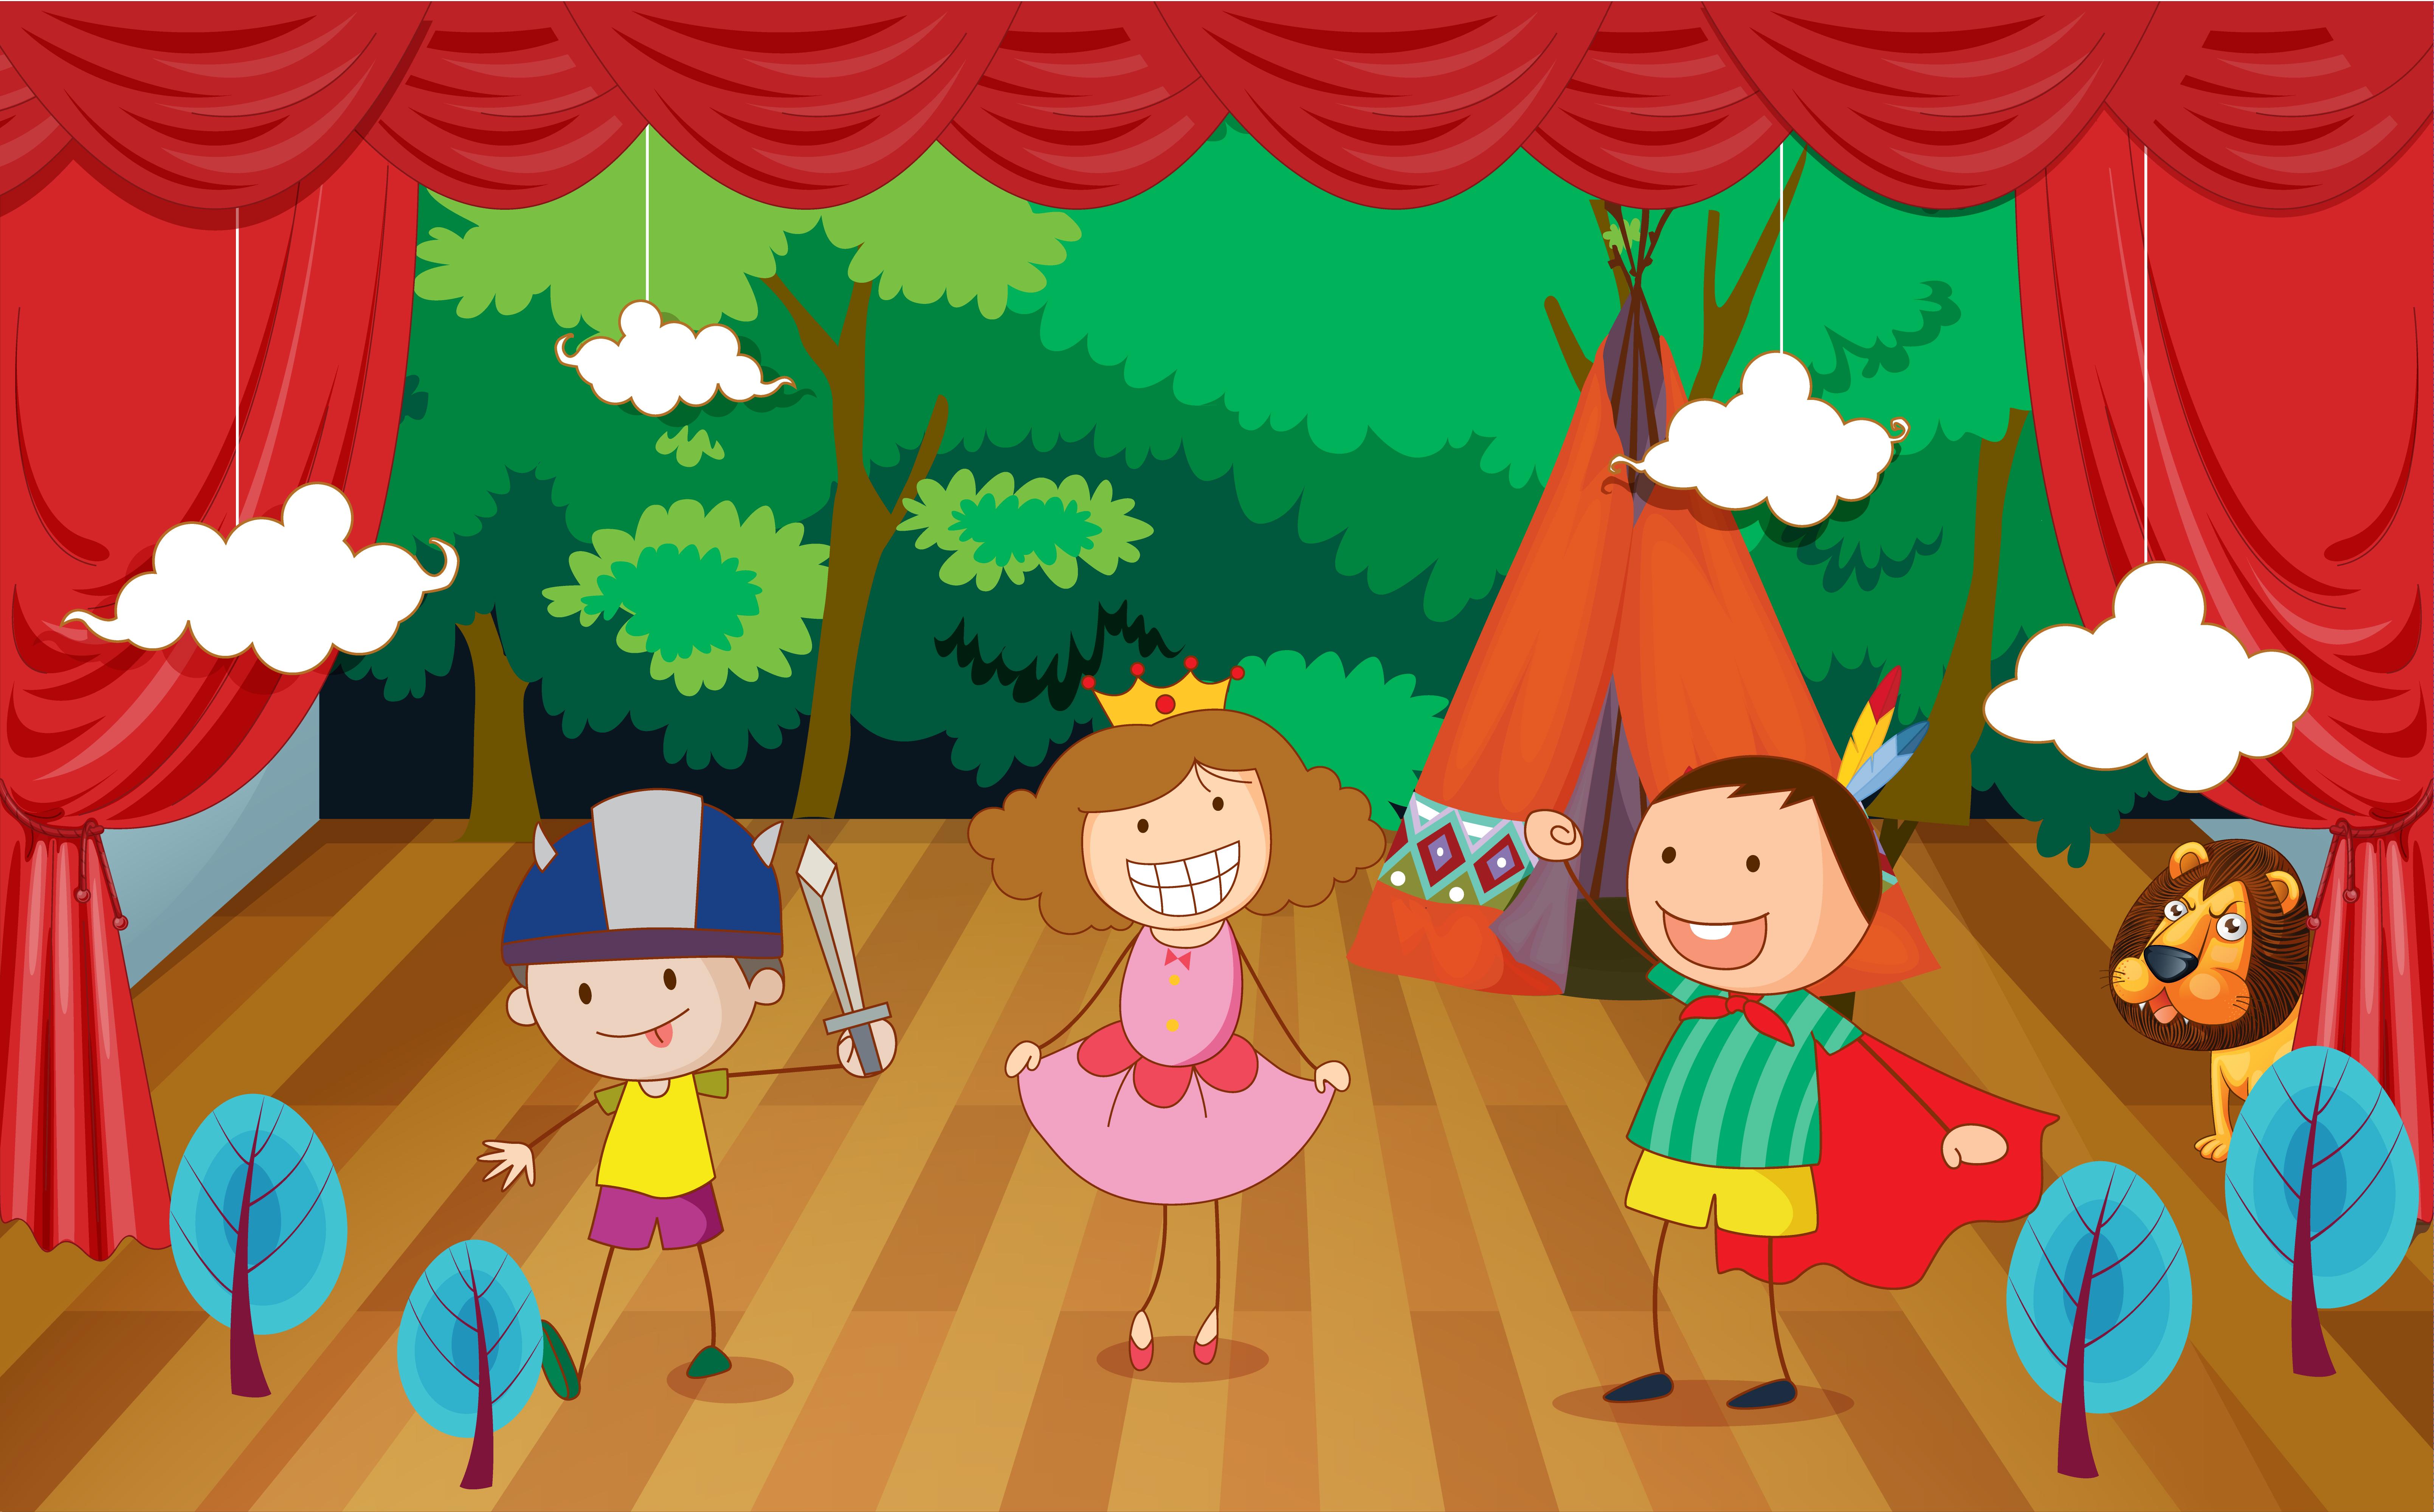 Картинки о театре для детей дошкольного возраста